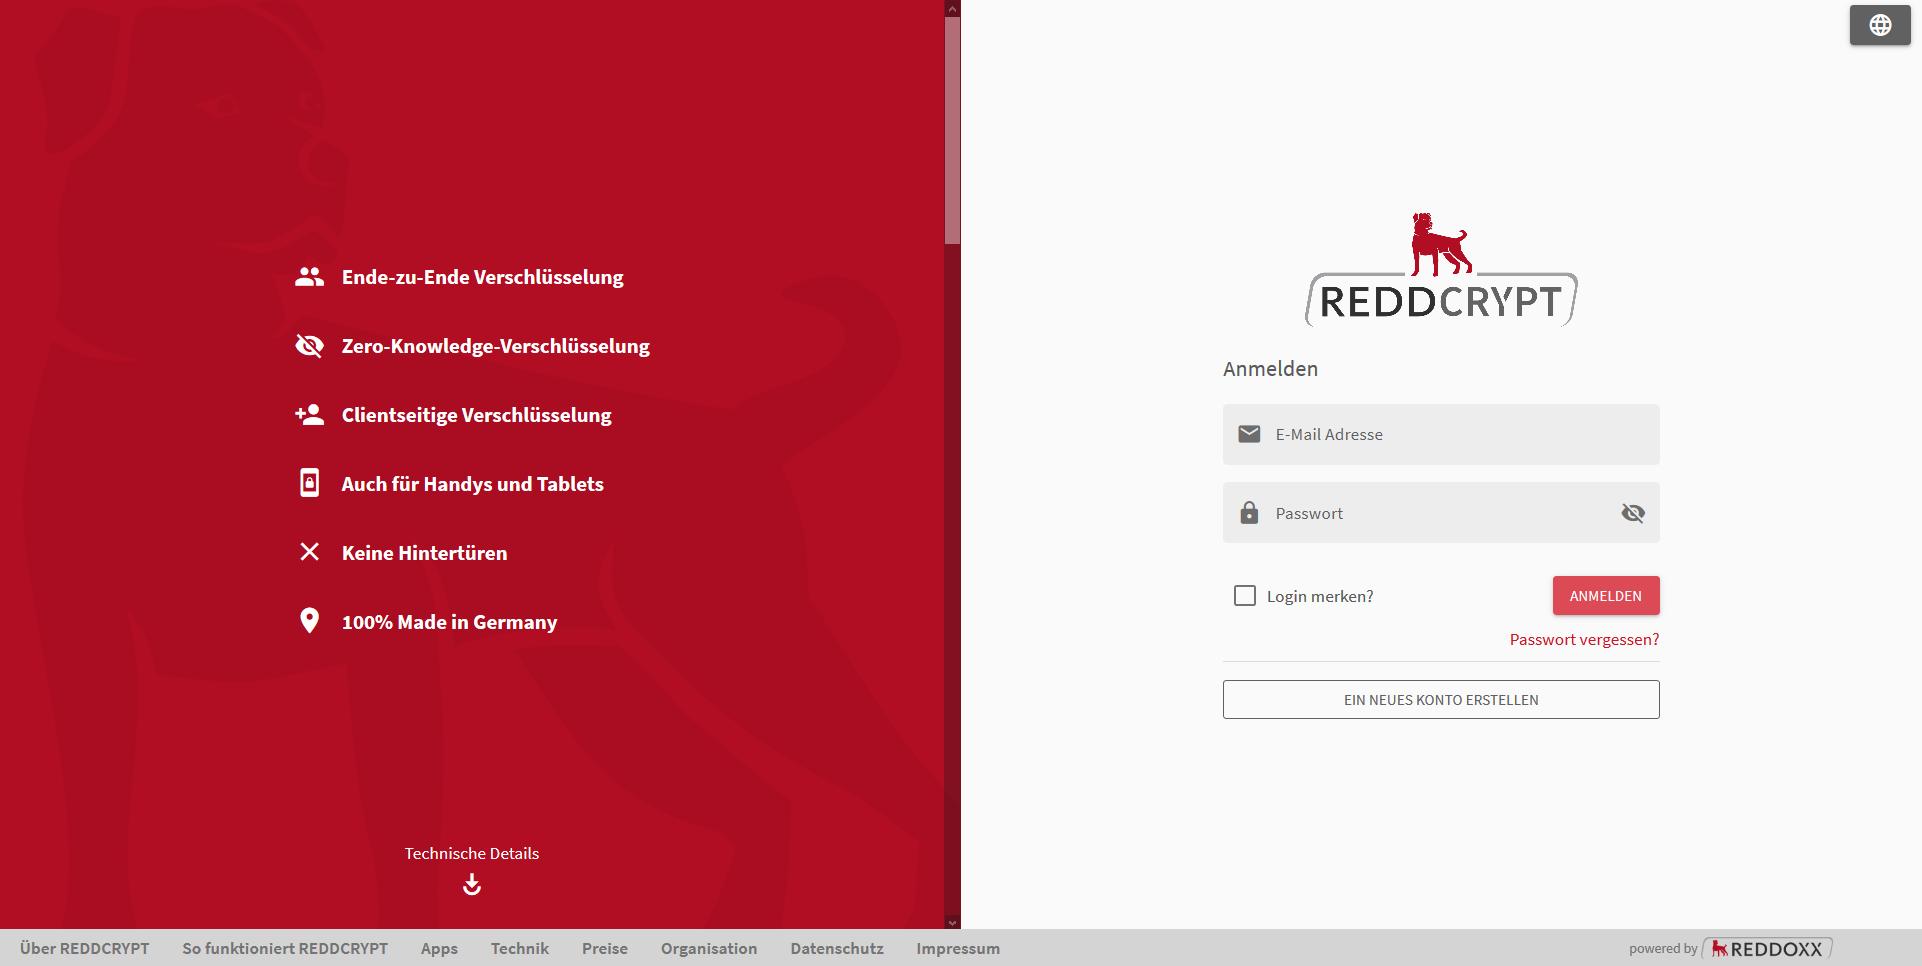 Kostenfreies REDDCRYPT Konto erstellen